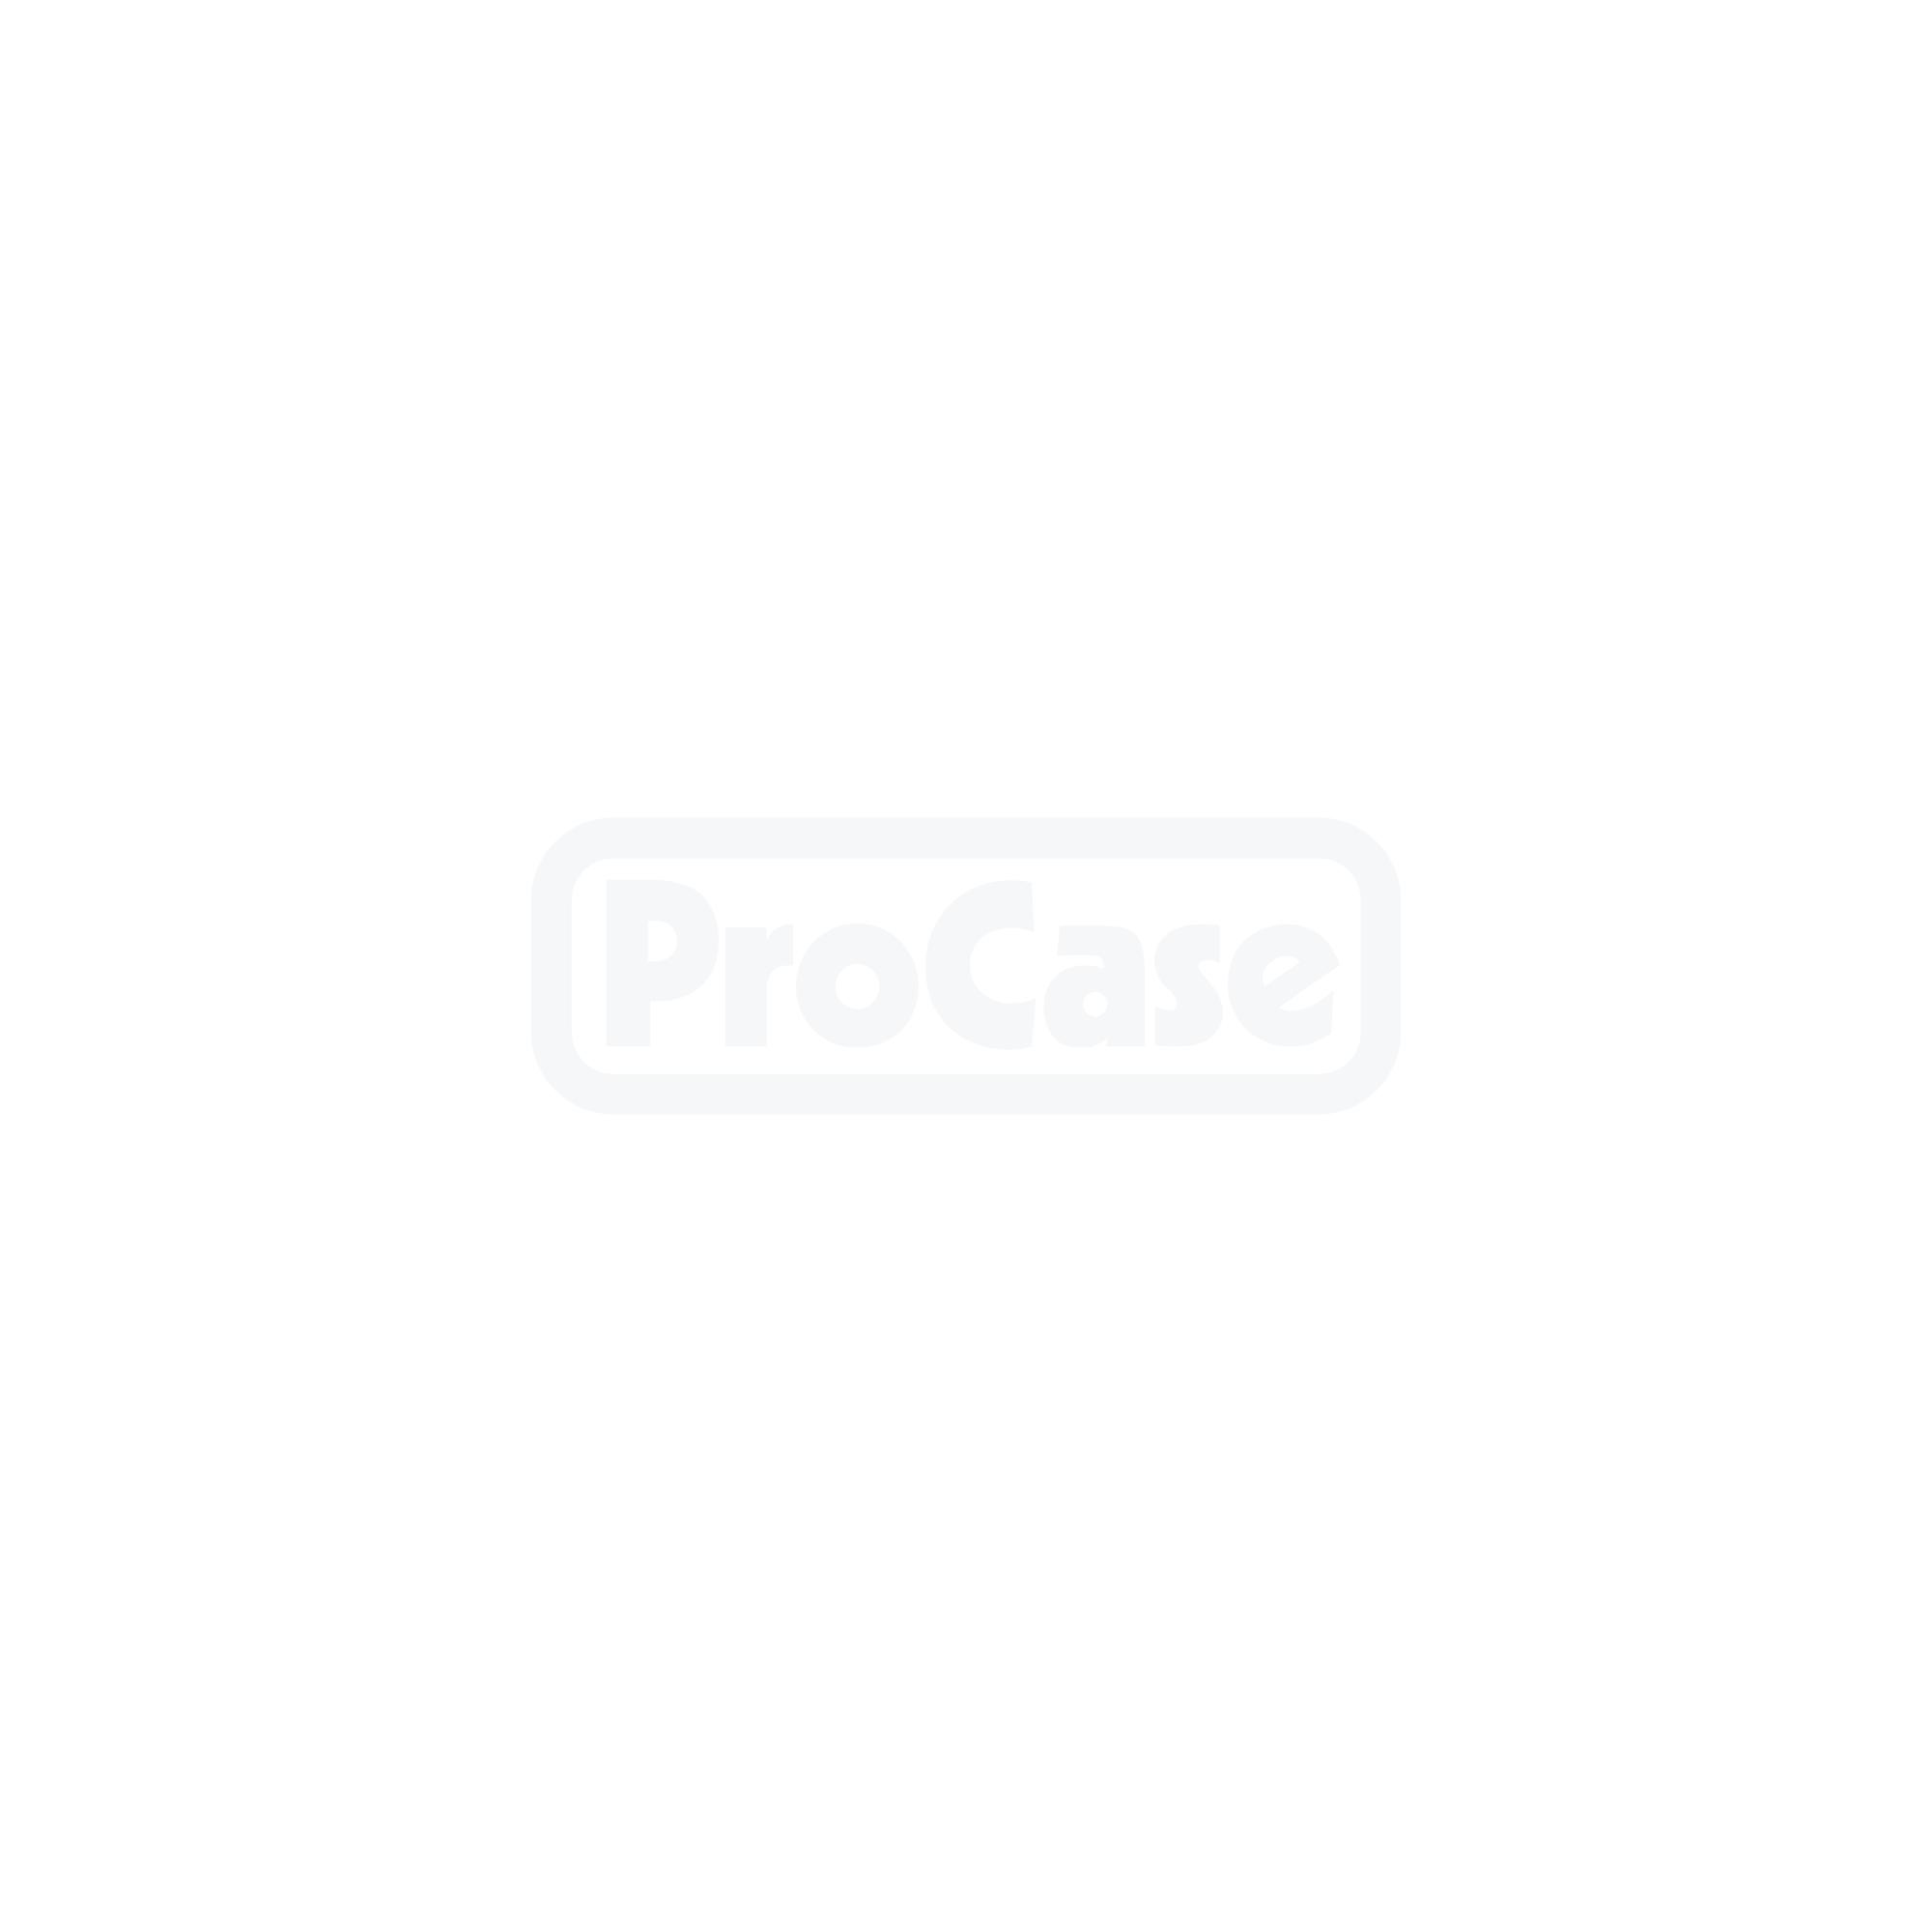 Transportkoffer für Zeiss OPMI Pico Mikroskop 2